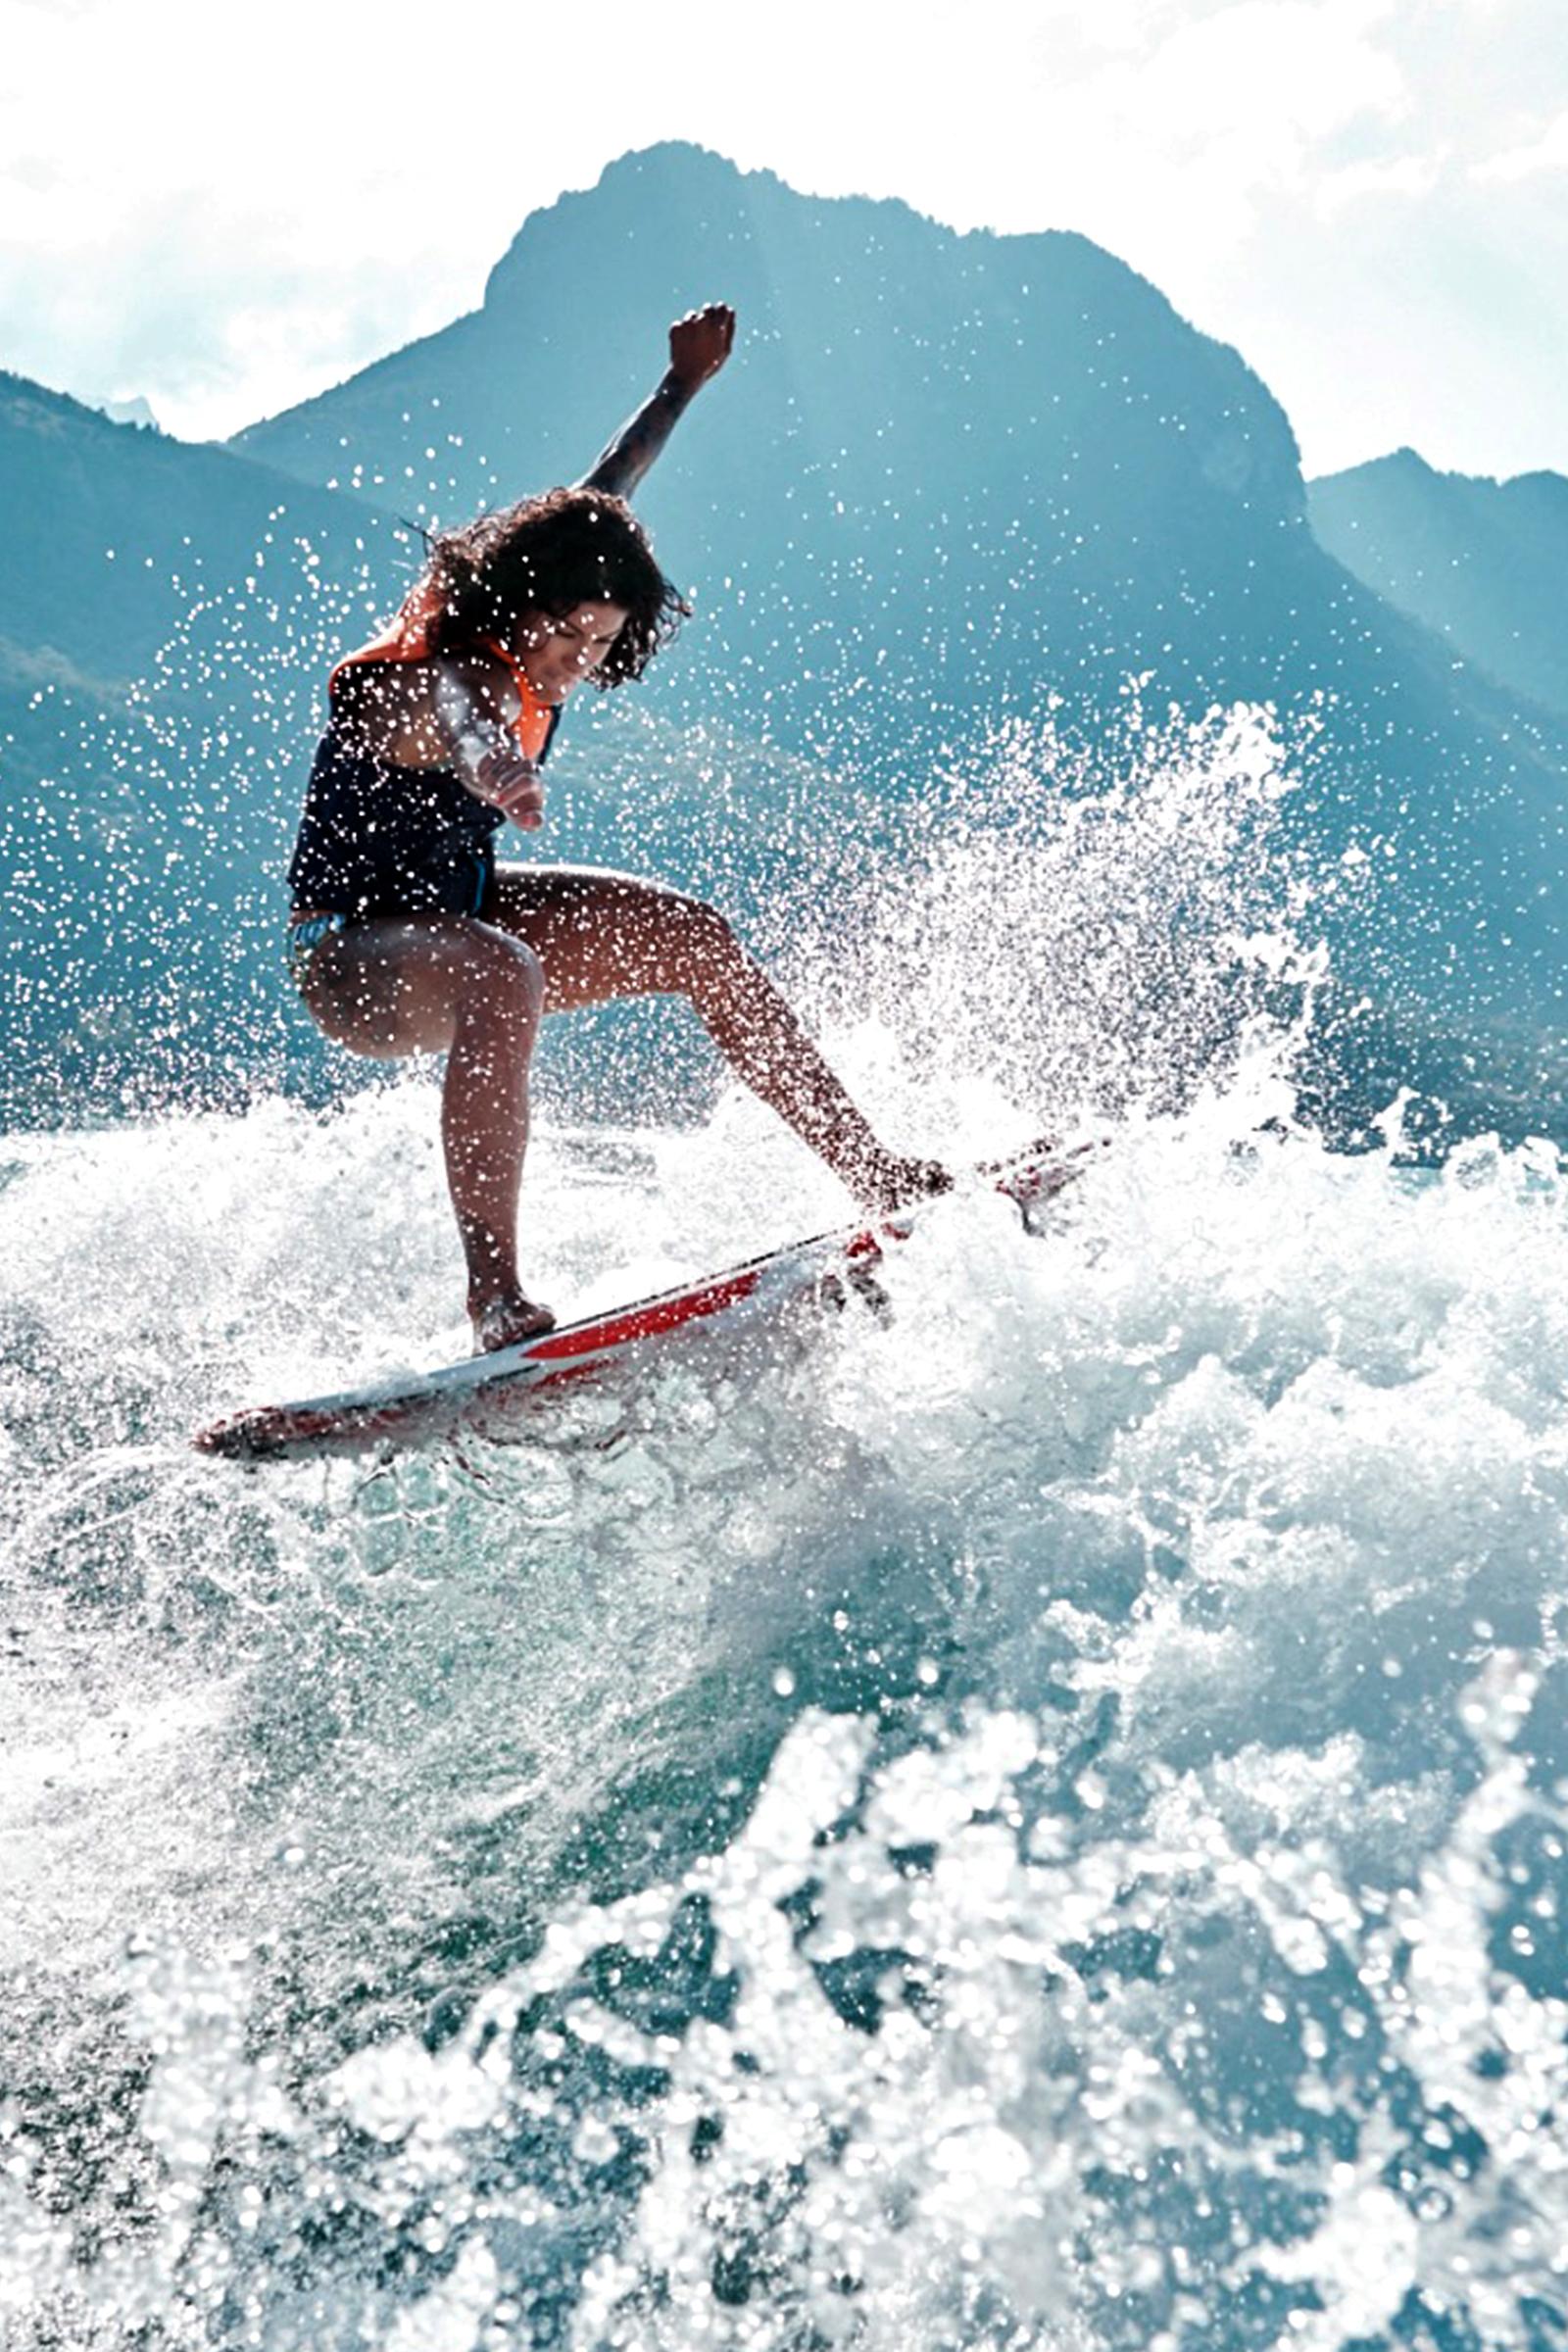 2013 / Aujourd'hui Wakesurf - Grande sportive et pleine de curiosité, elle découvre le Wakesurf en 2012, et se place rapidement parmi les meilleures dans sa catégorie (3 fois Championne de Suisse et 2 fois Championne d'Europe).